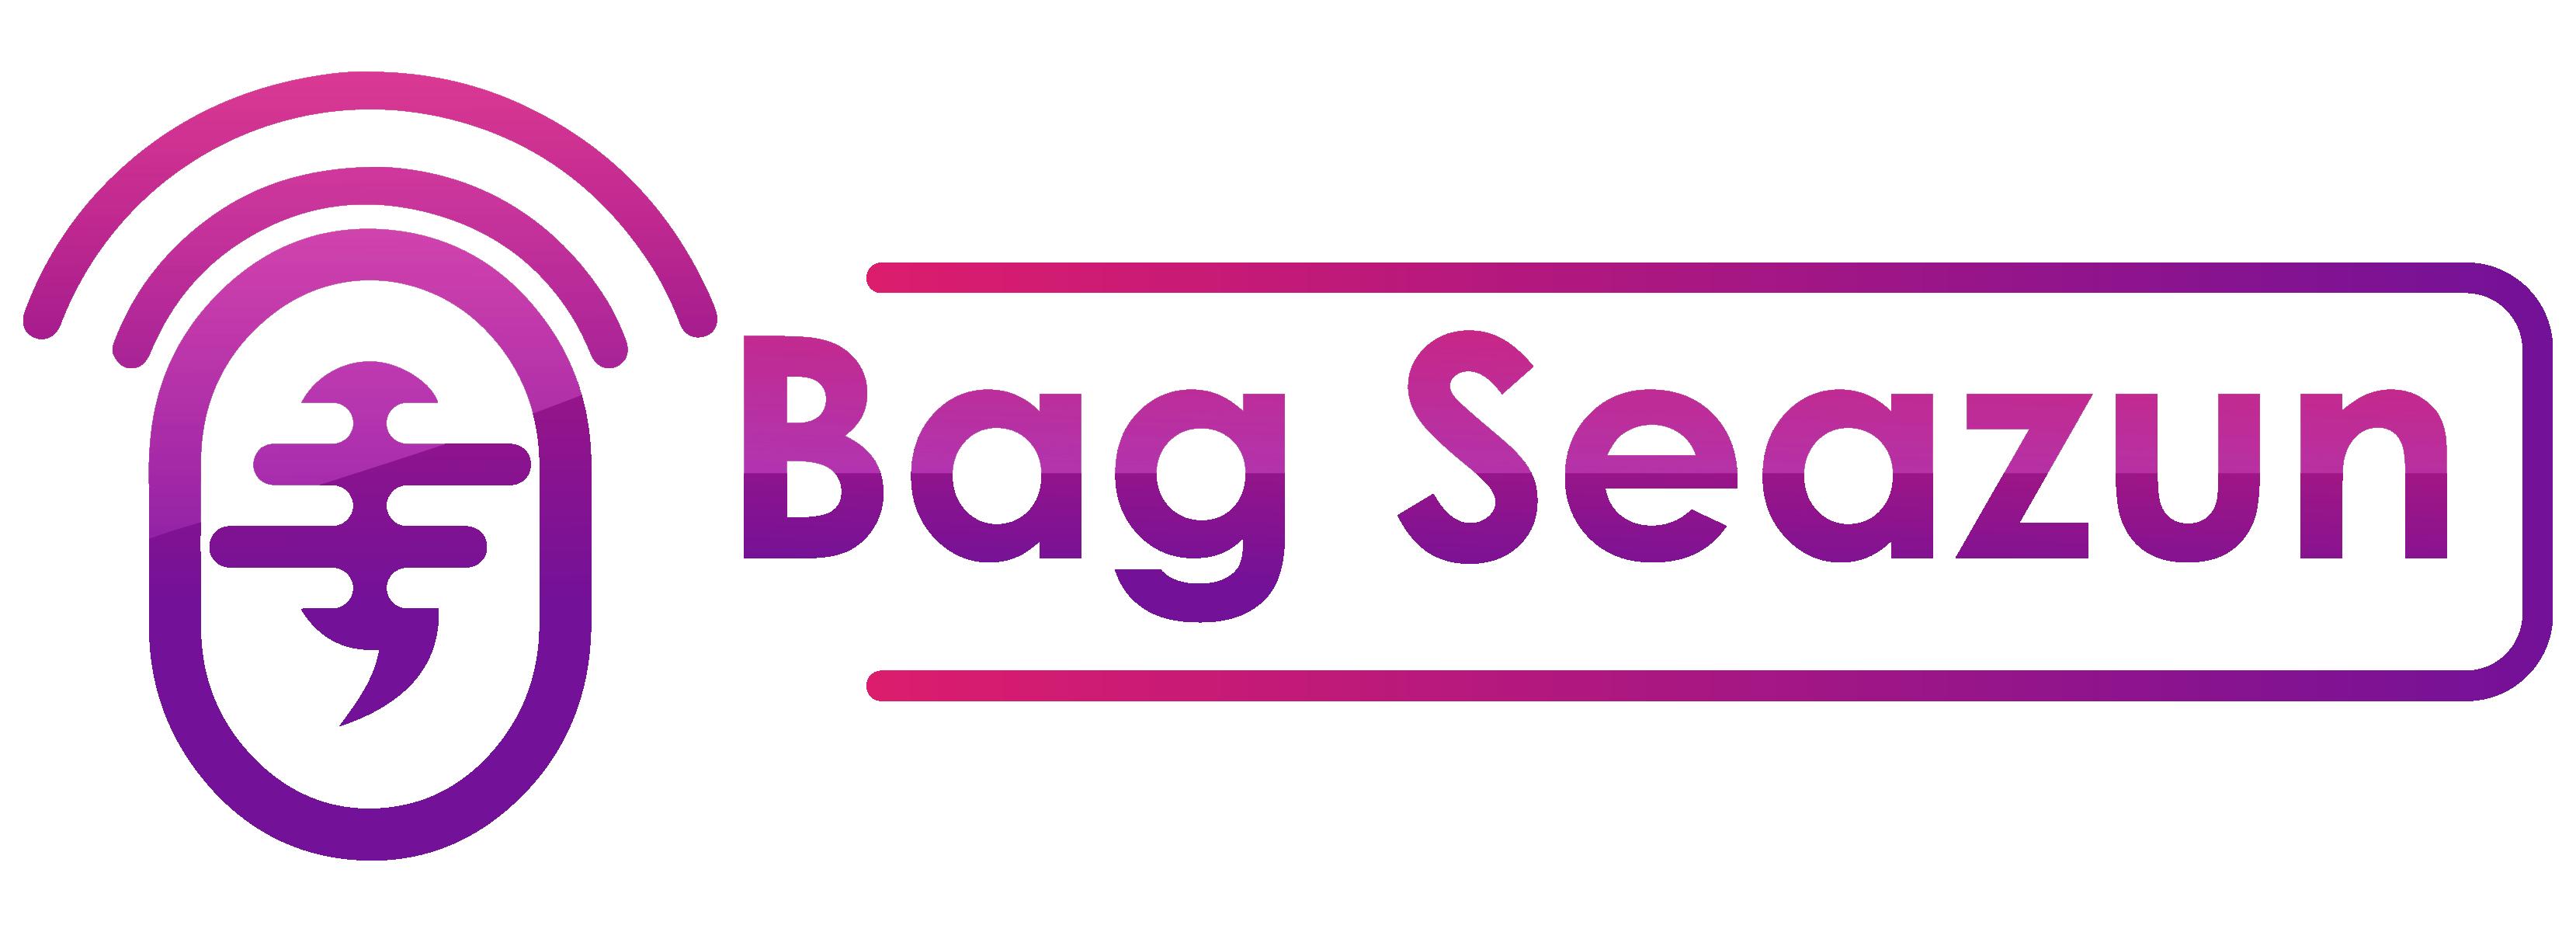 Bag Seazun Official